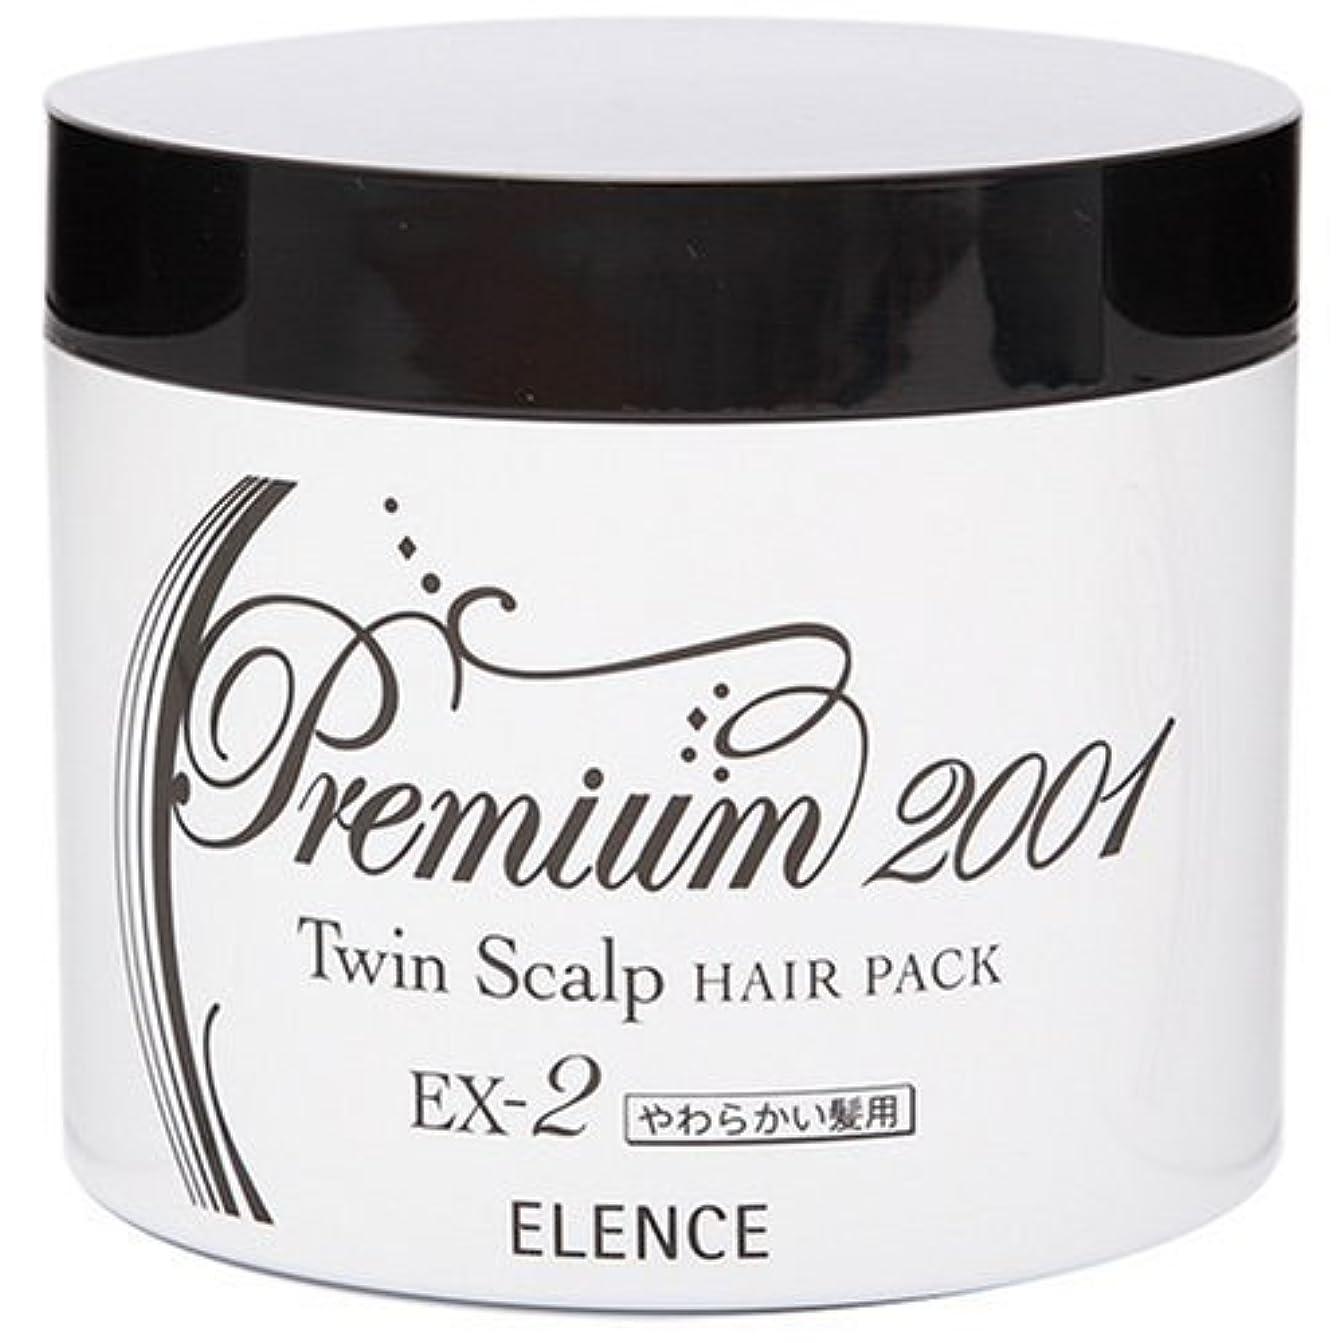 コロニー撤回する混乱エレンス2001 ツインスキャルプヘアパックEX-2(やわらかい髪用)